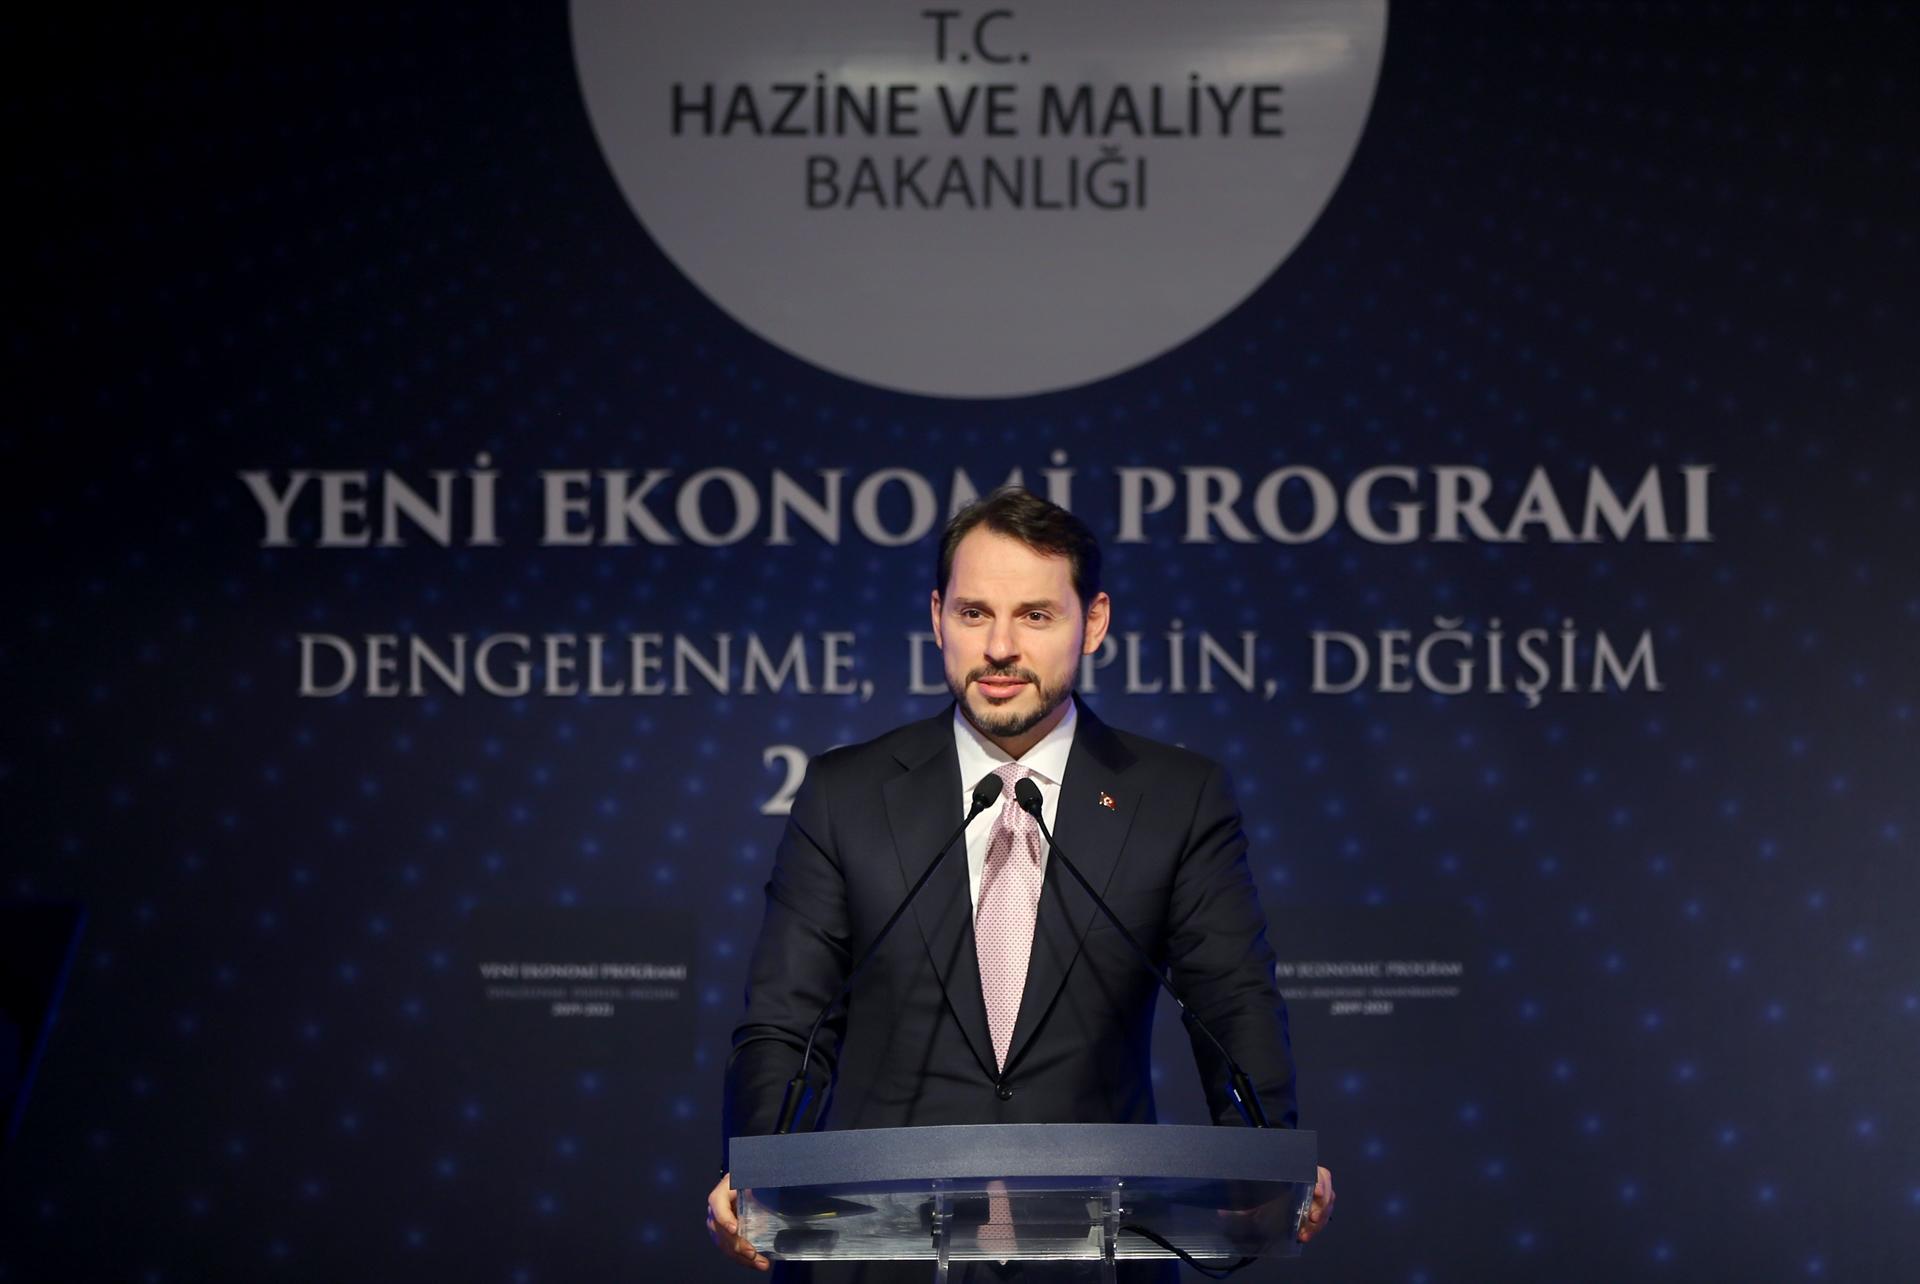 Türkiye Yeni Ekonomik Programda Büyüme Tahminlerini Düşürüyor | Hurriyetdailynews.com